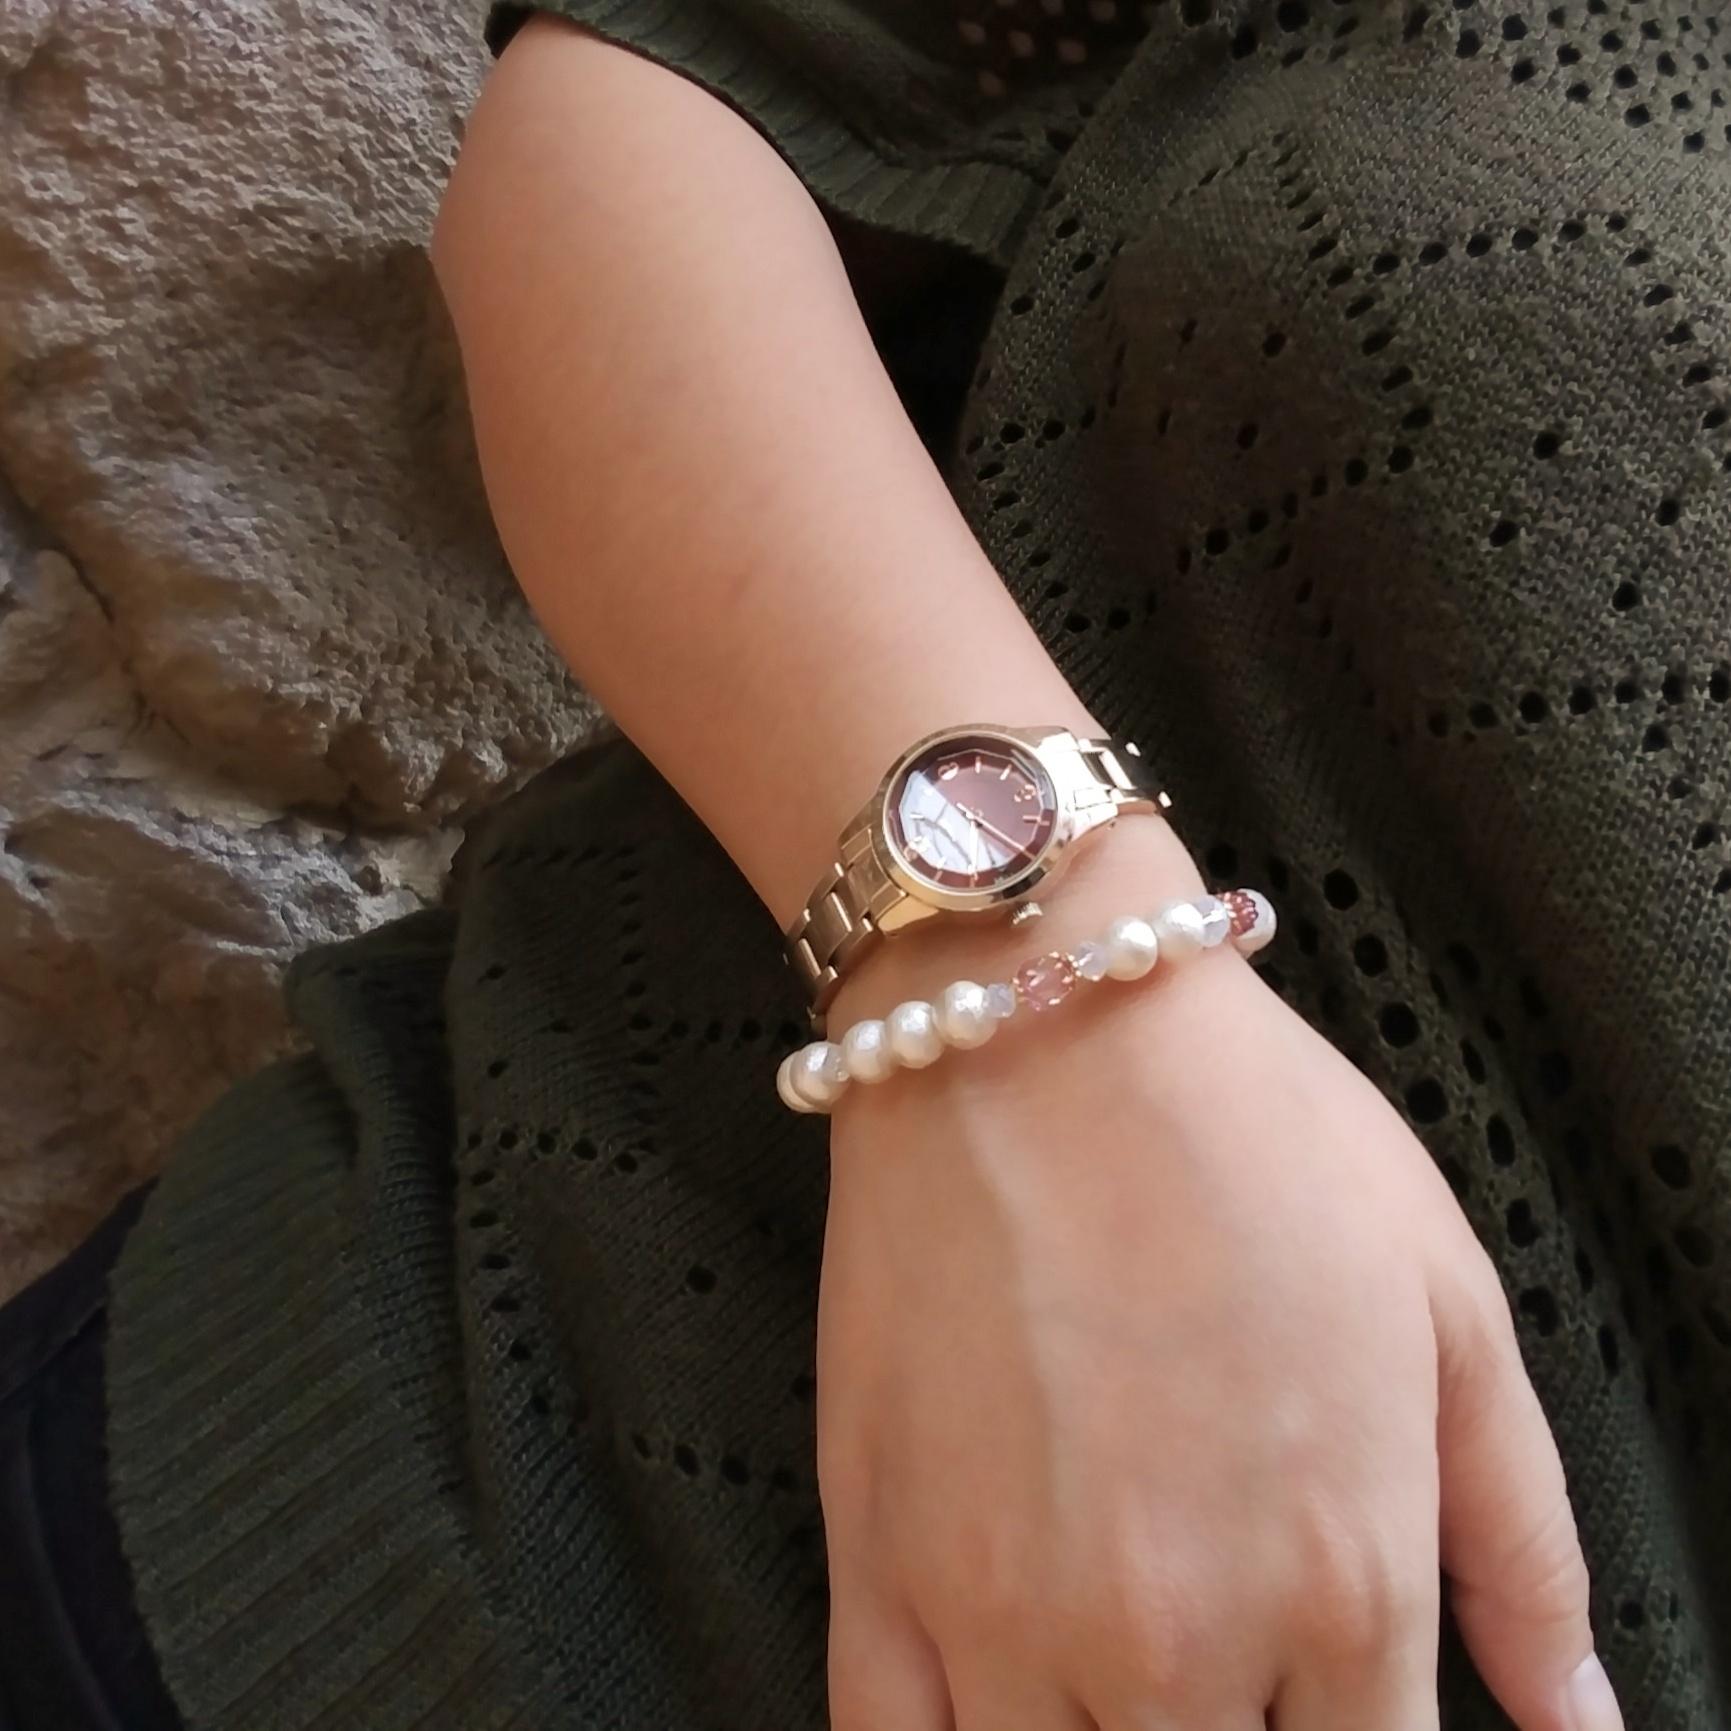 コットンパール ブレスレット ホワイト ピンク ガラス 時計